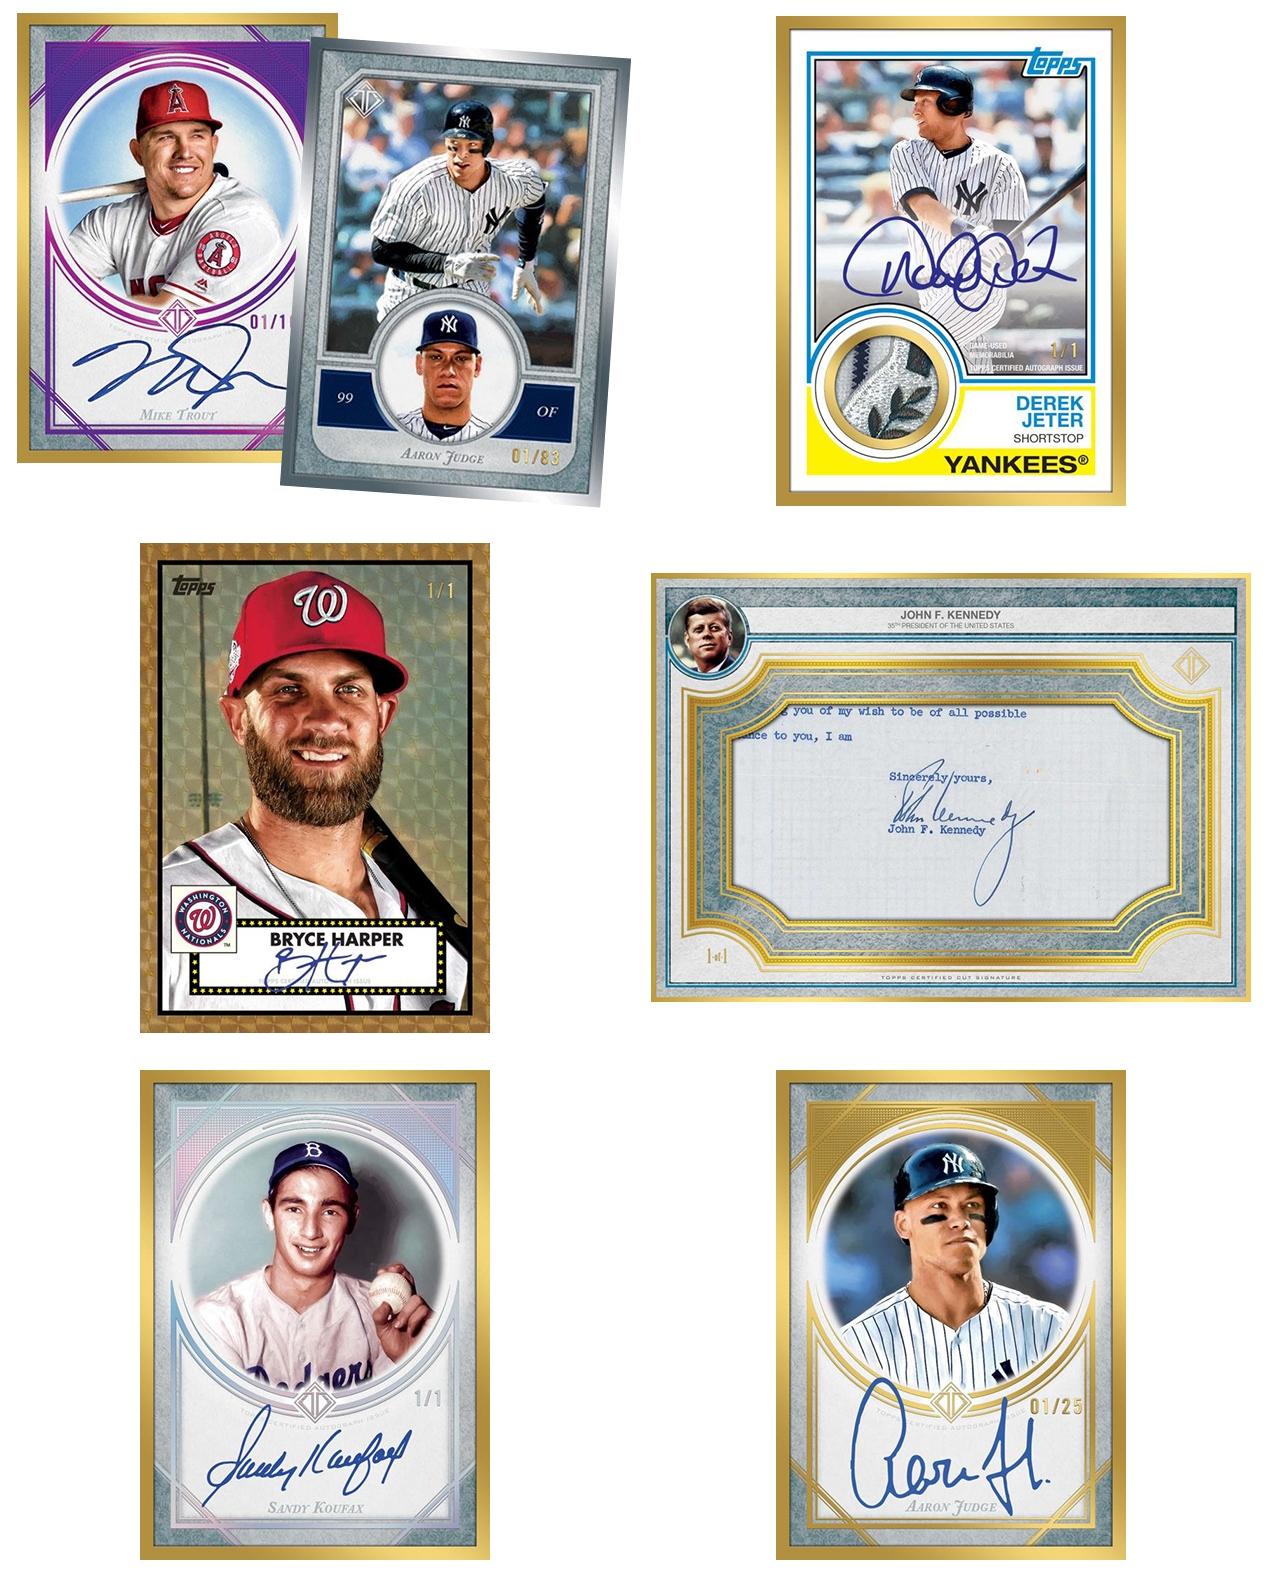 2018 Topps Transcendent Baseball Group Break Checklists